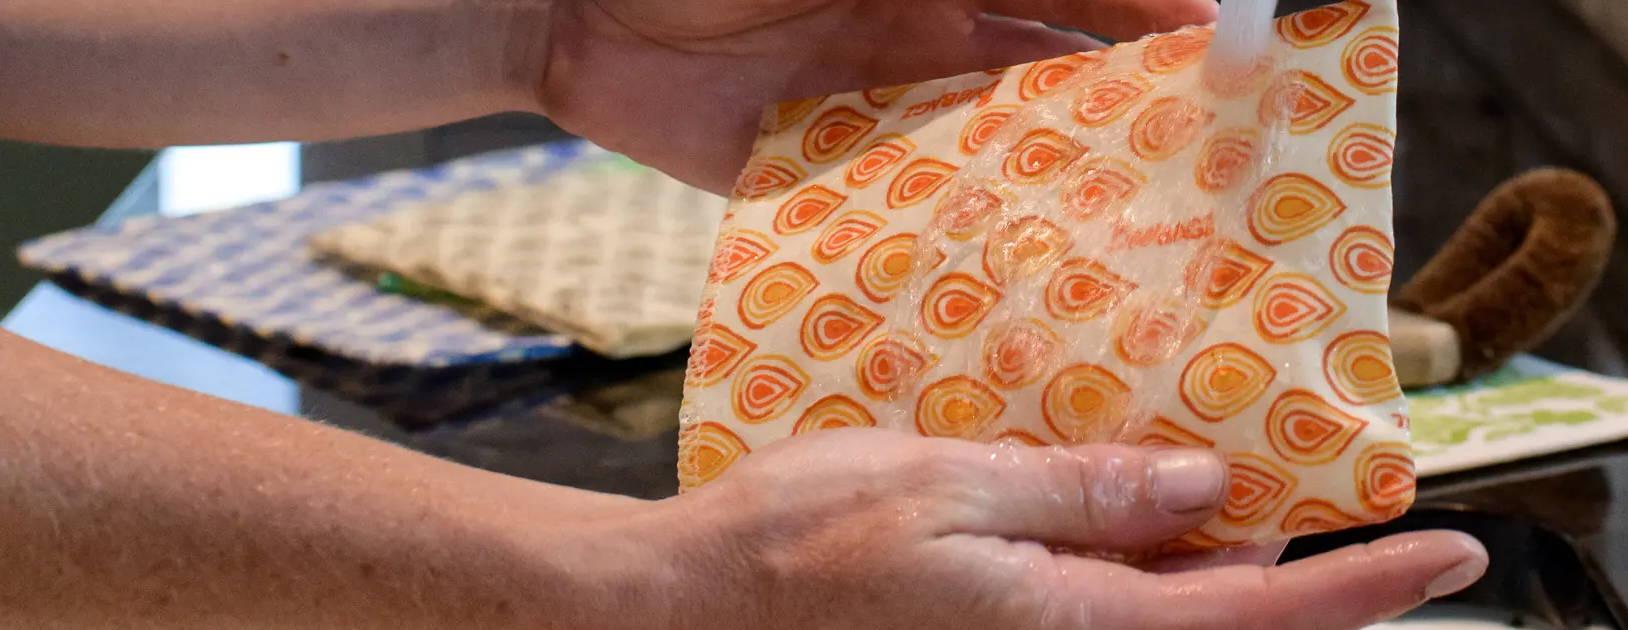 BeeBAGZ® Reusable beeswax wrap baggies being rinsed in water.